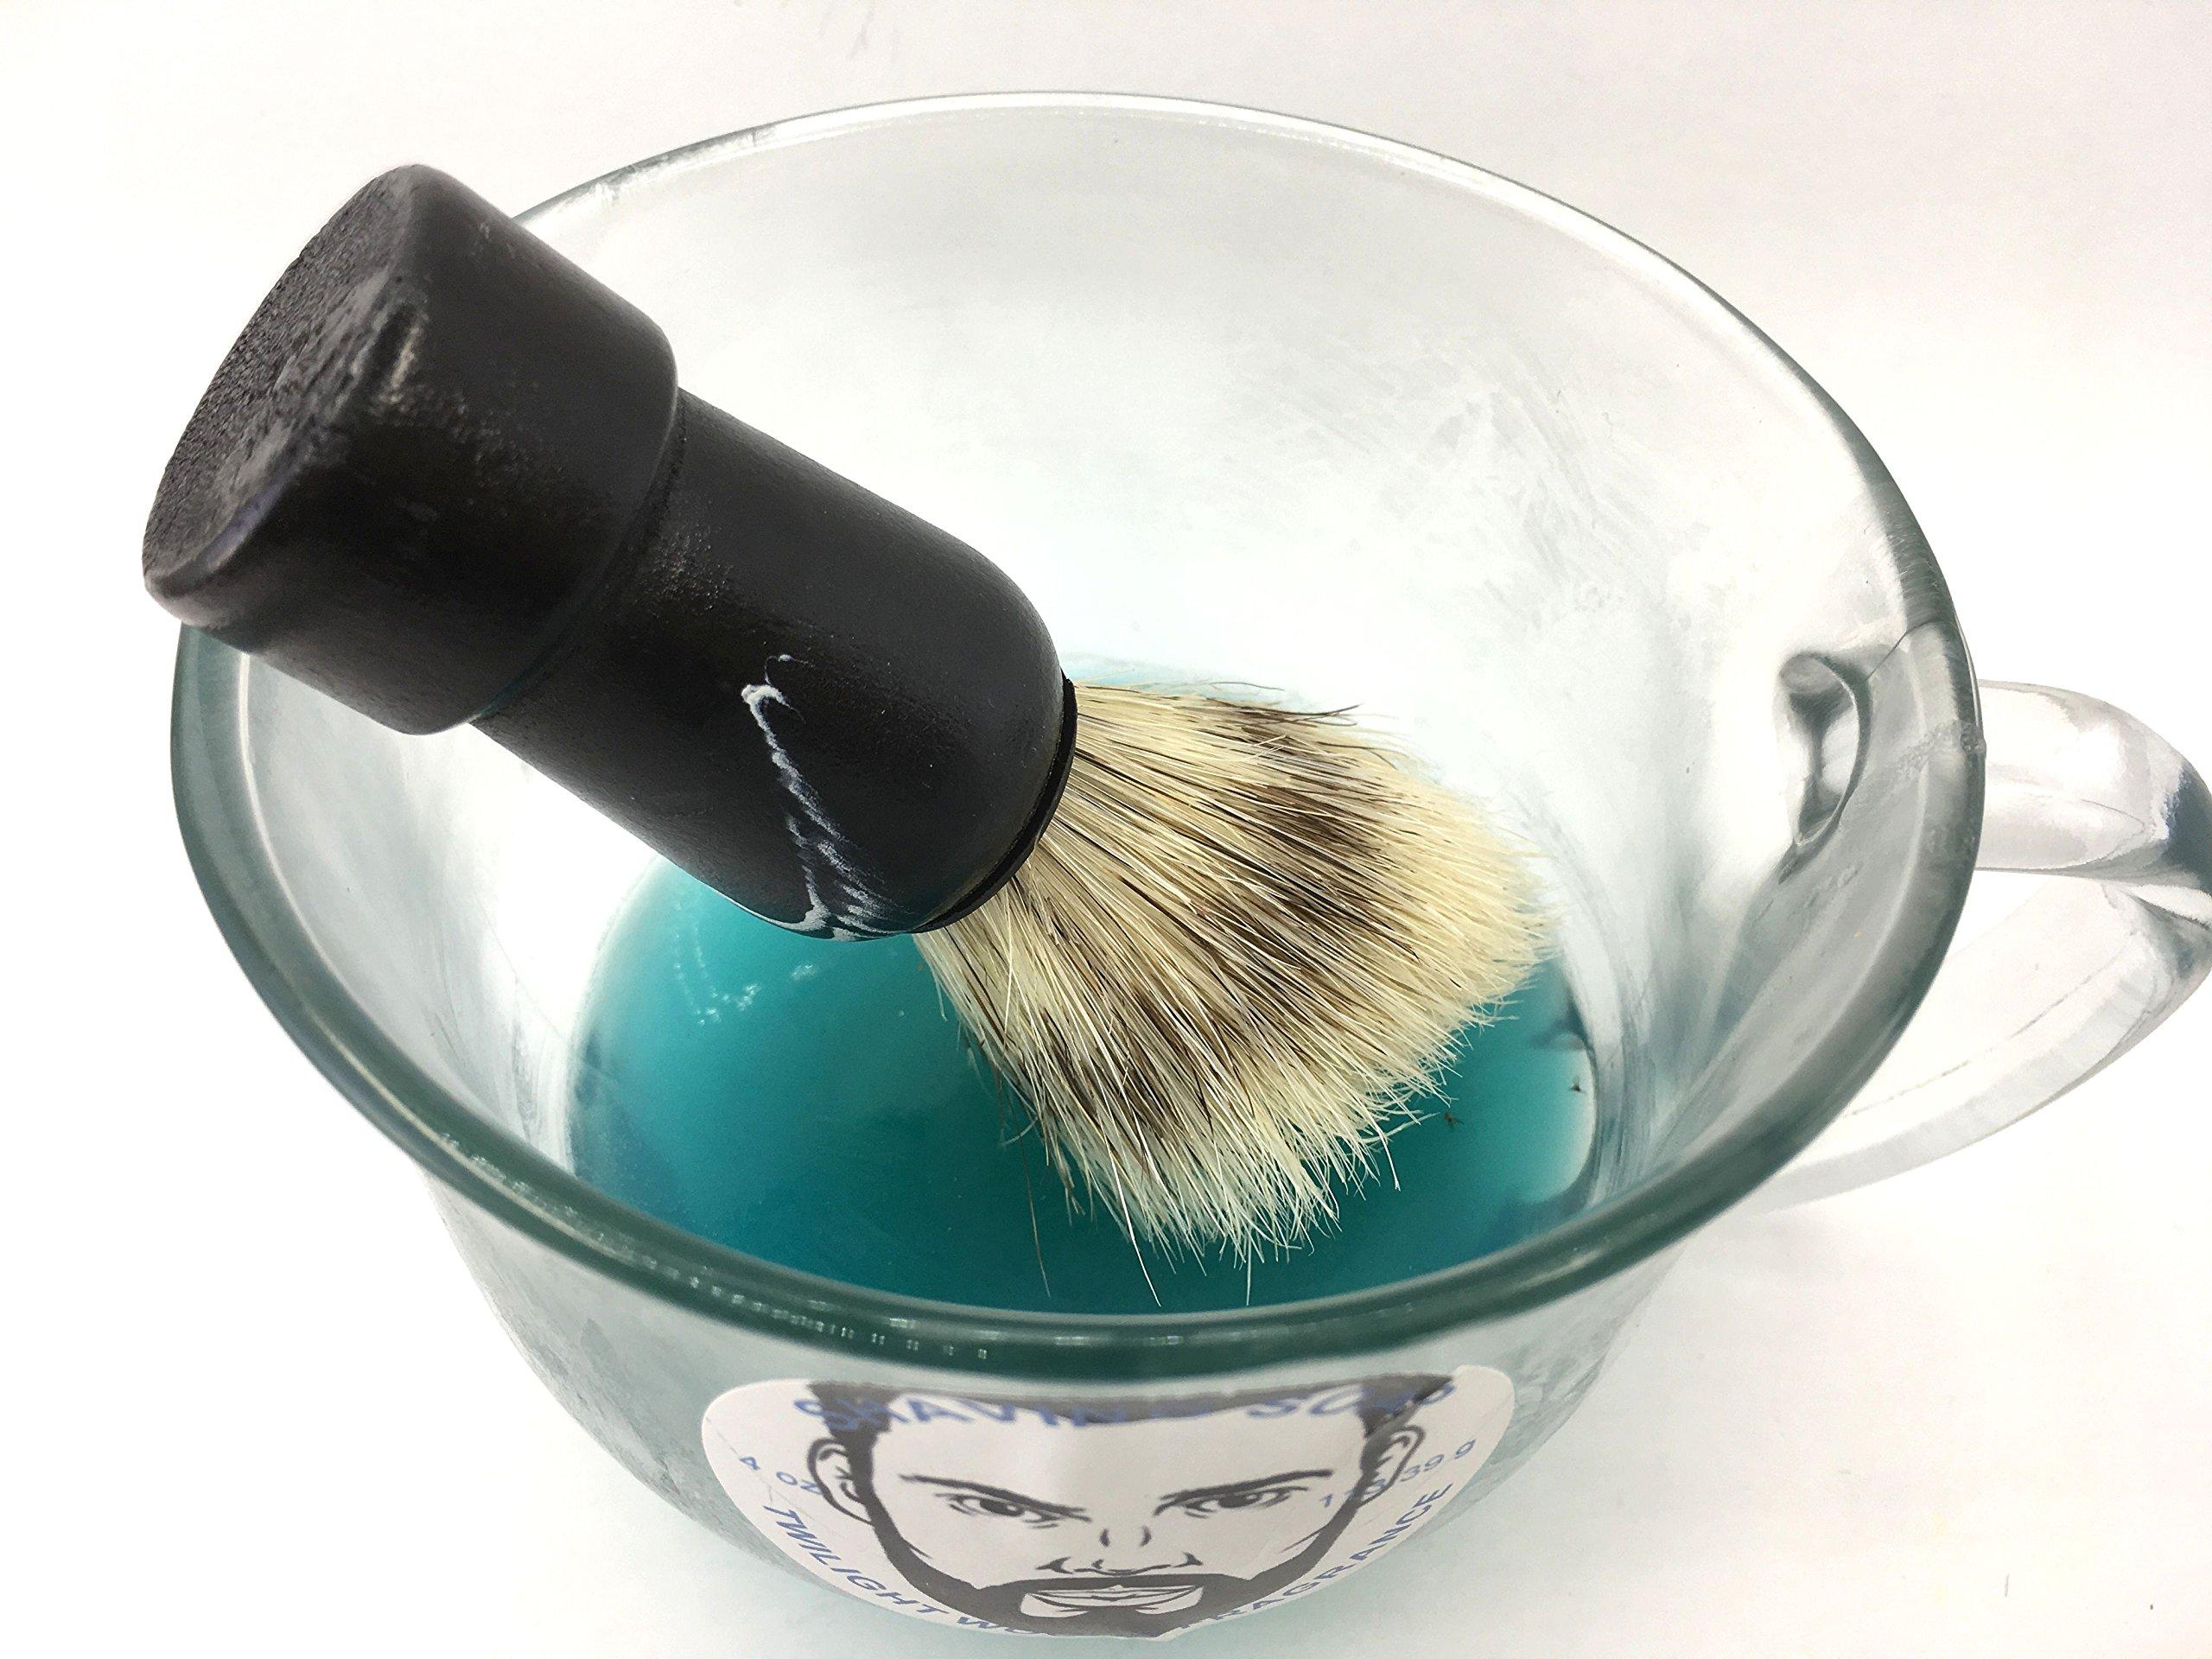 Shaving soap and brush set 4 oz twilight woods for men type fragrance